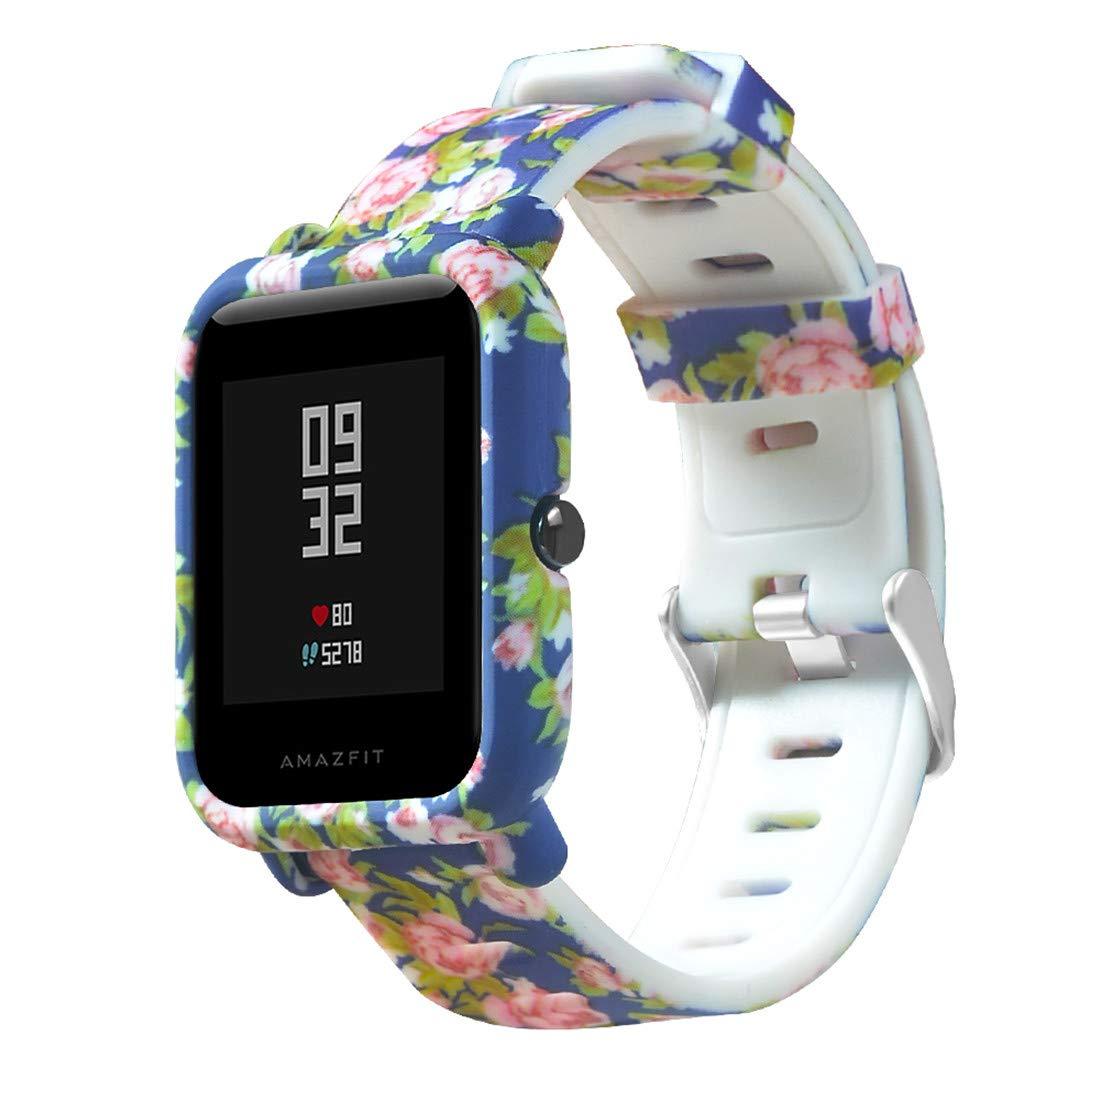 Saisiyiky 20mm Correa y Funda Protector Compatible con AMAZFIT Bip Xiaomi Huami Pulsera/Ajustable para Smartwatch Reemplazo de Correa Banda de ...